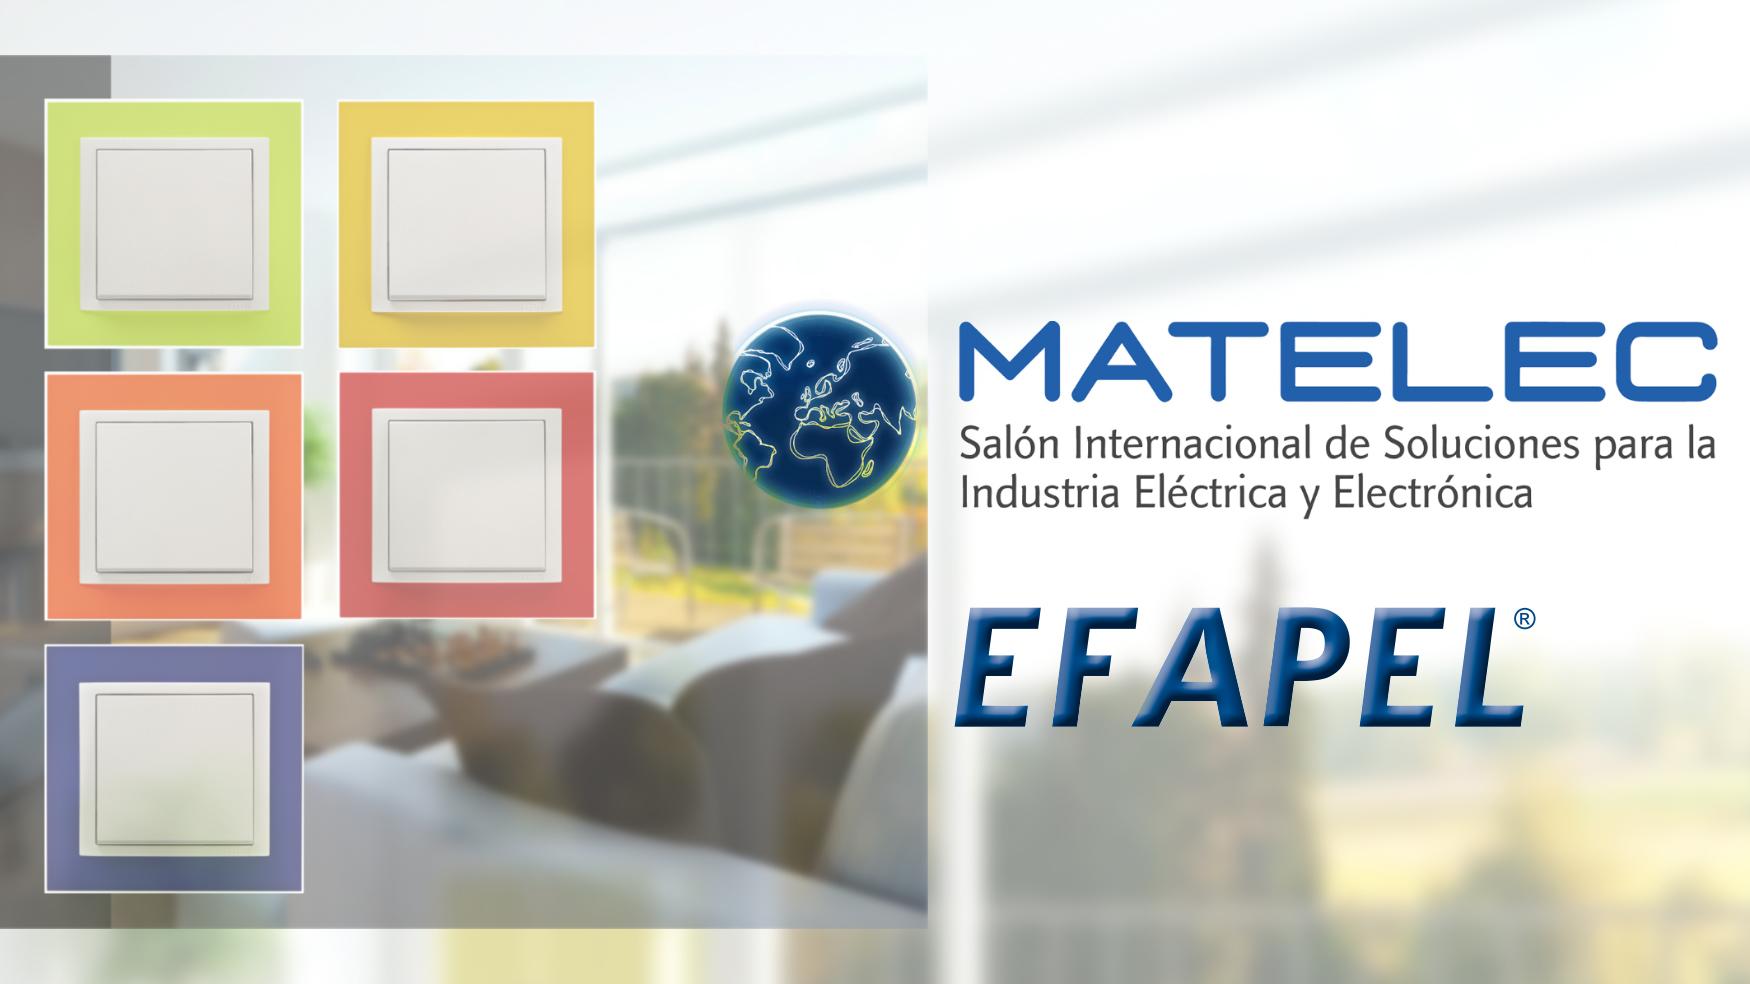 MATELEC<br>Realizado en Noviembre/2018